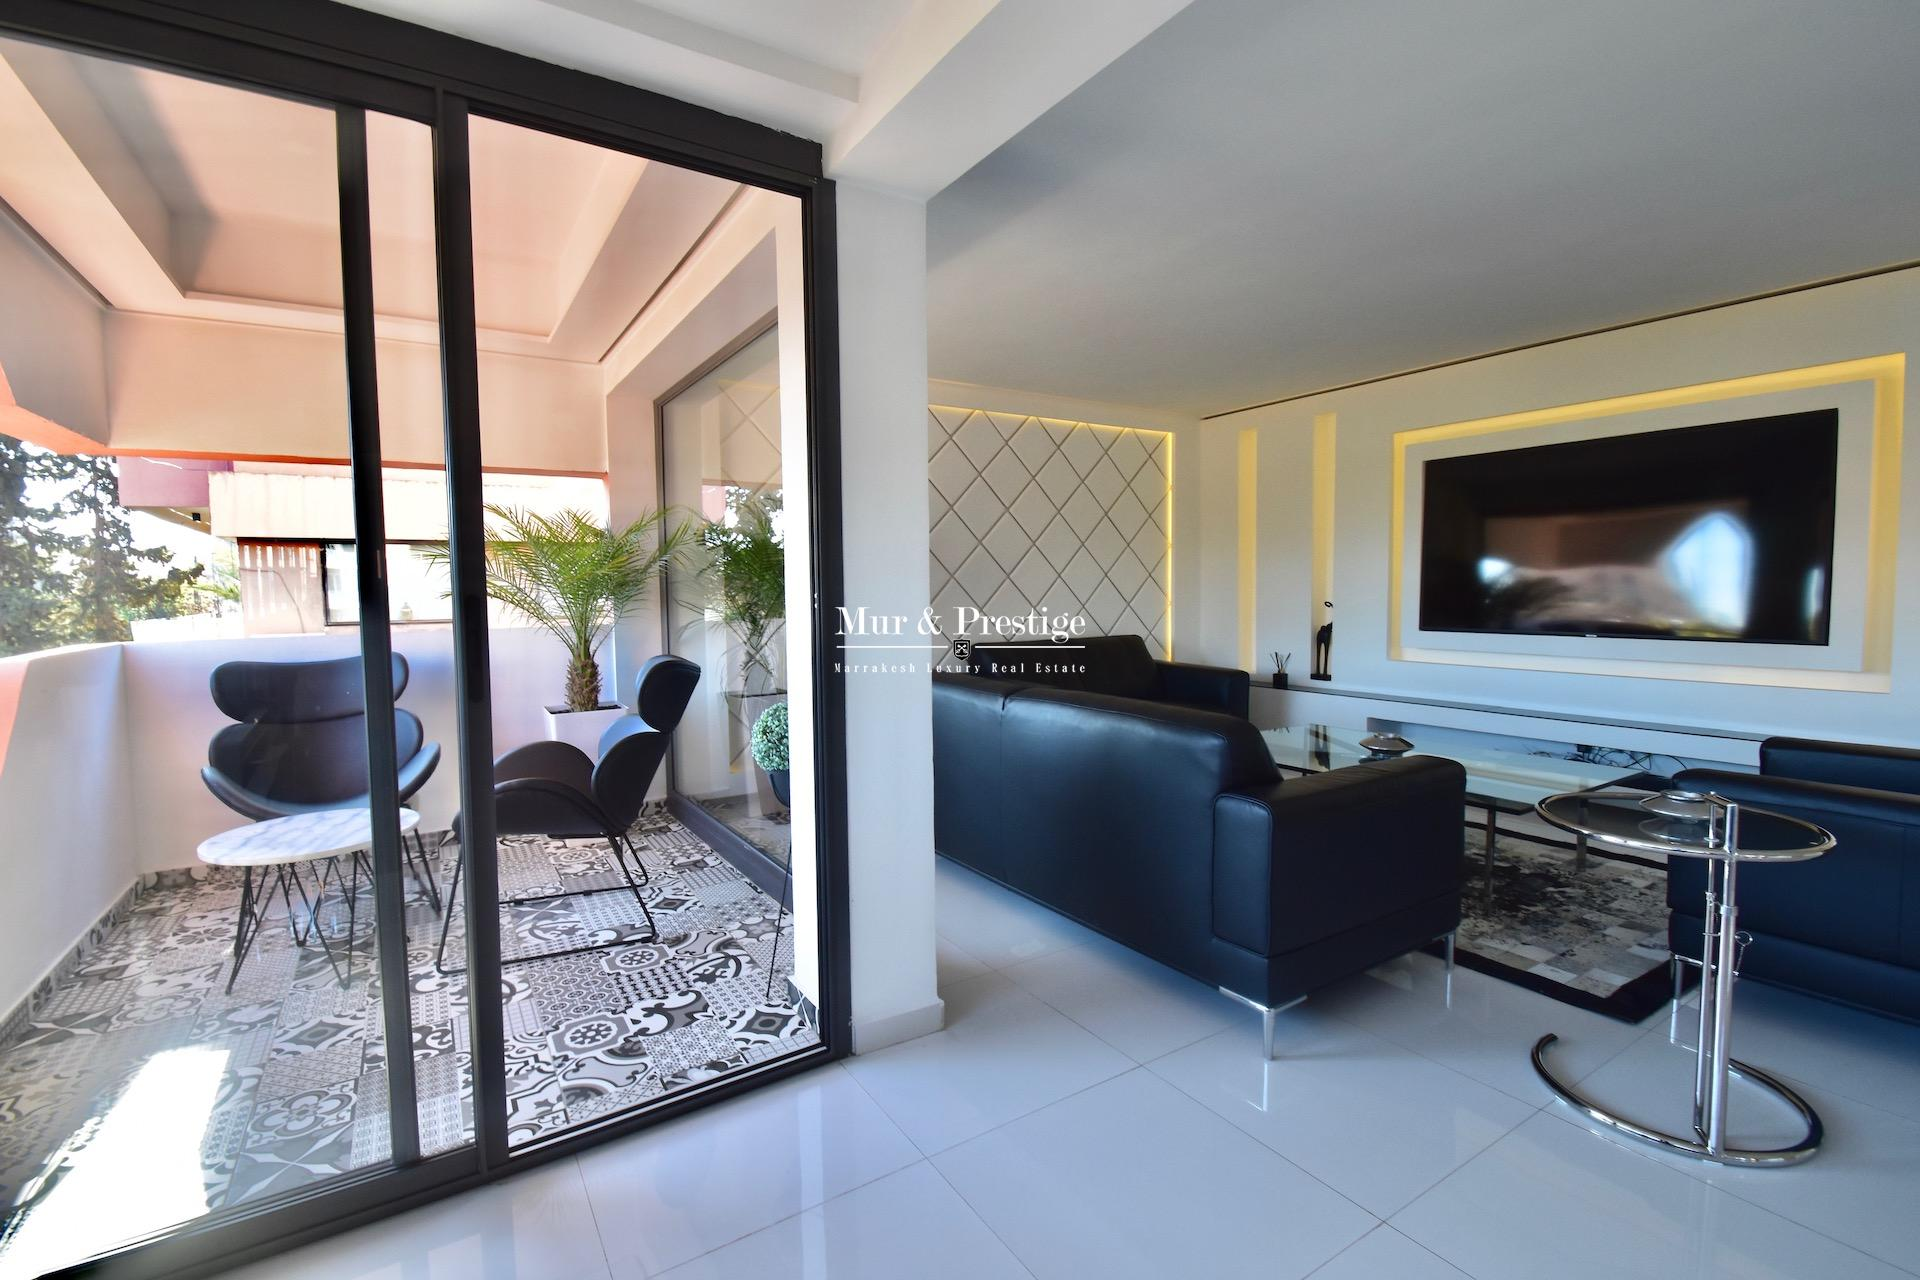 Appartement moderne à vendre au cœur du quartier de l'Hivernage à Marrakech